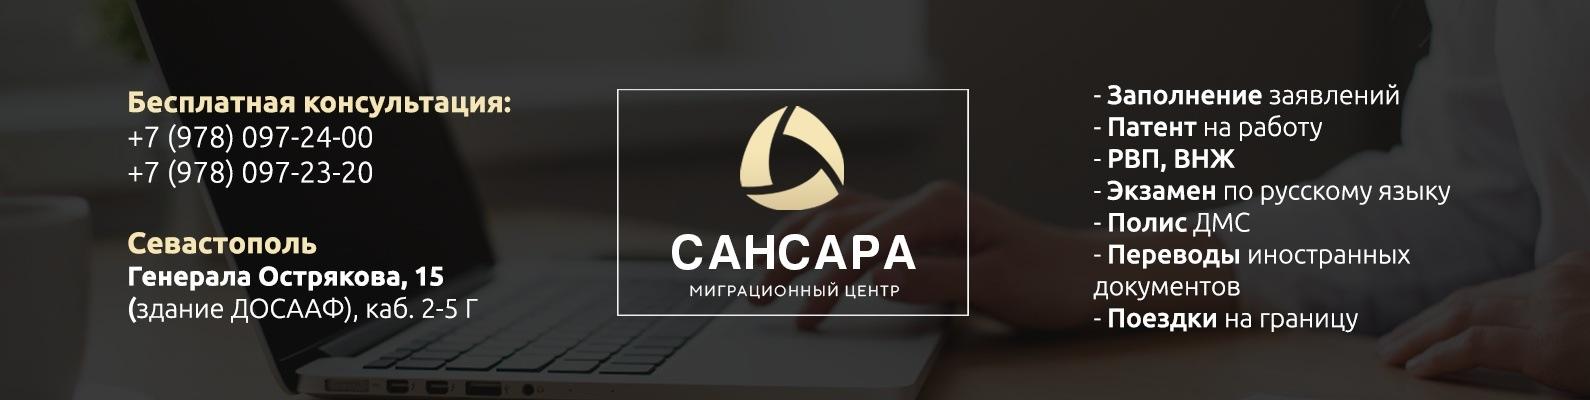 Севастополь работа без патента временная регистрация человека в своей квартире